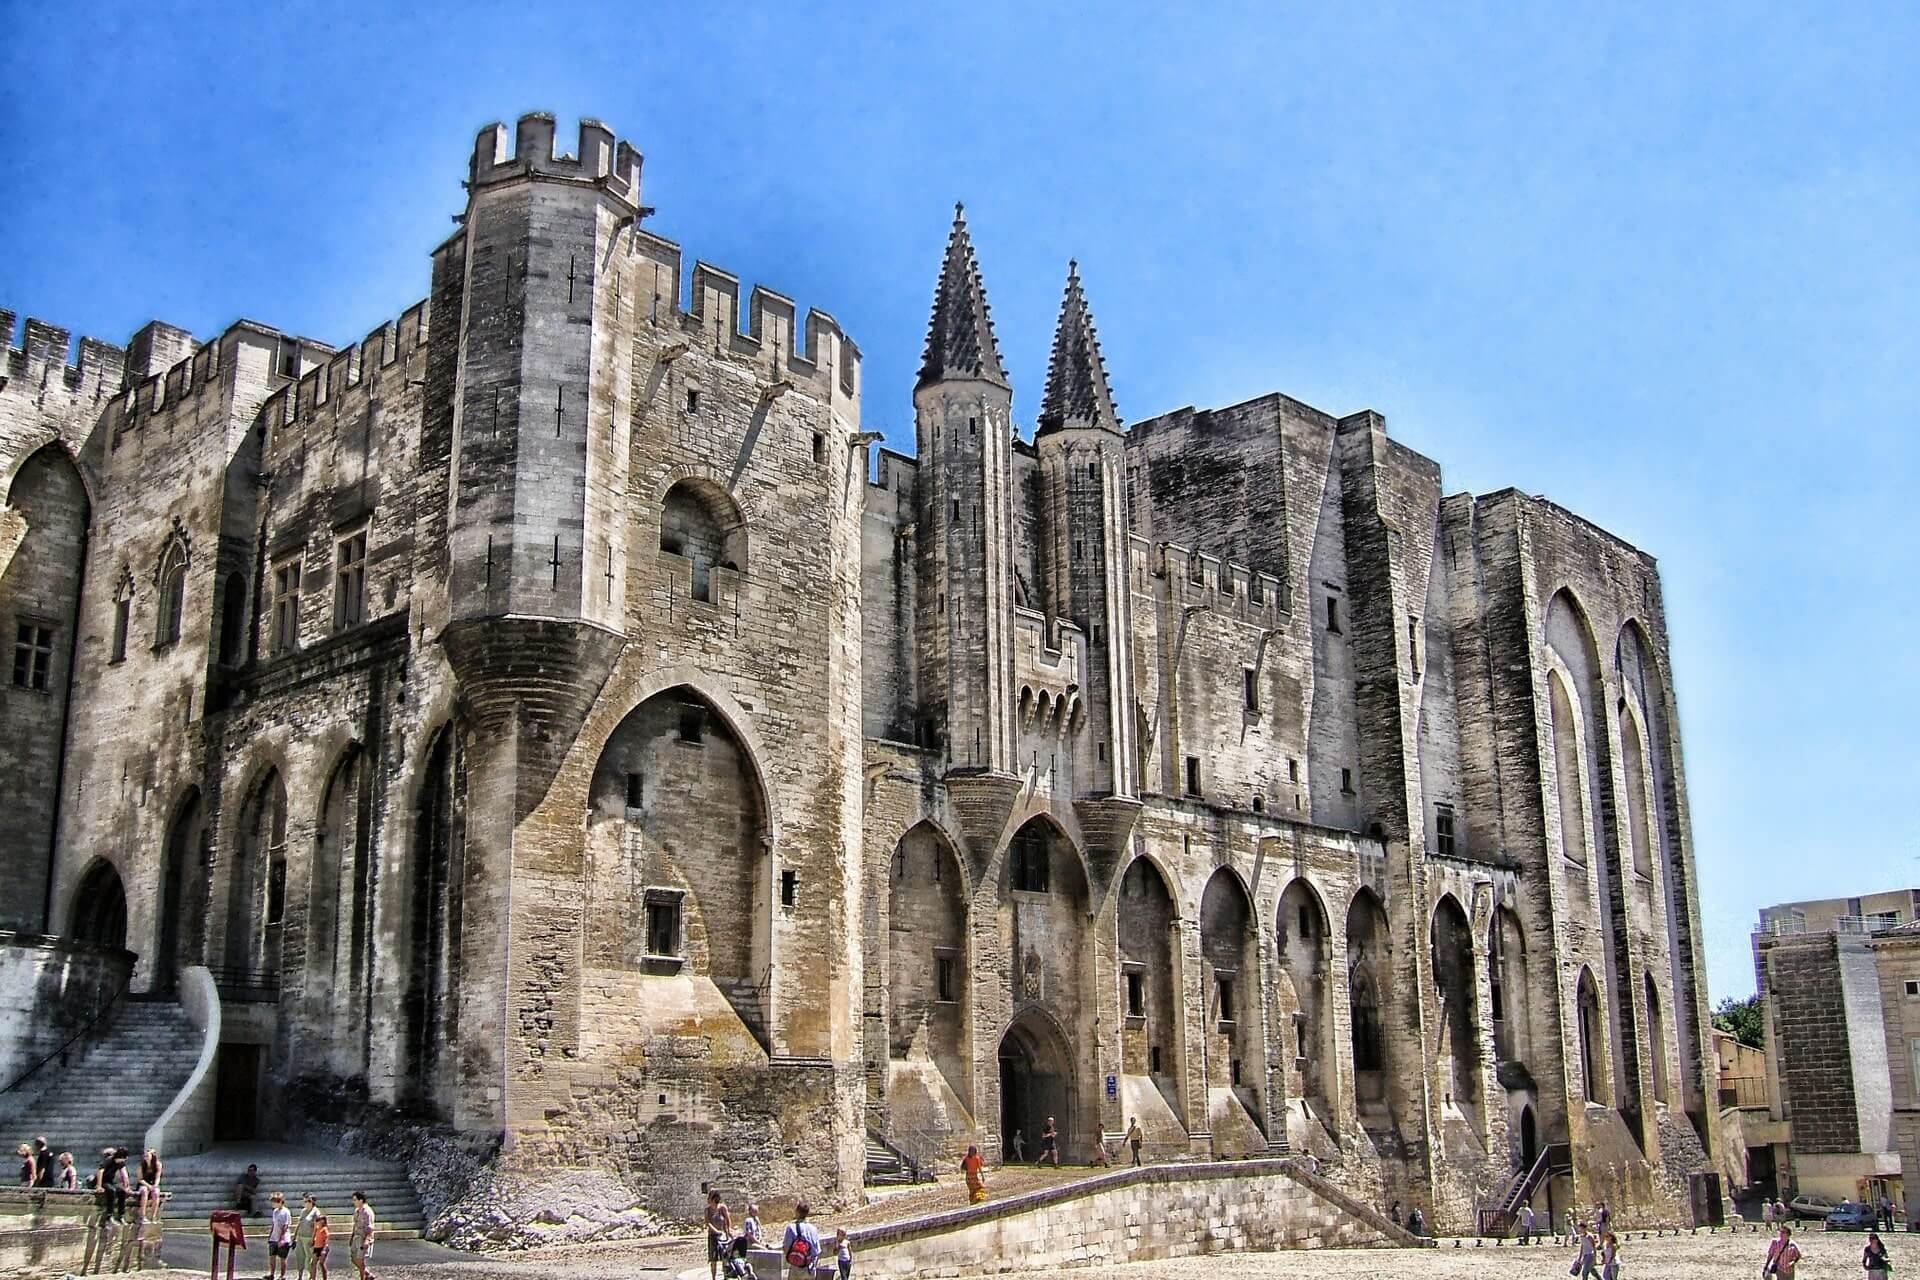 Papspalast Avignon